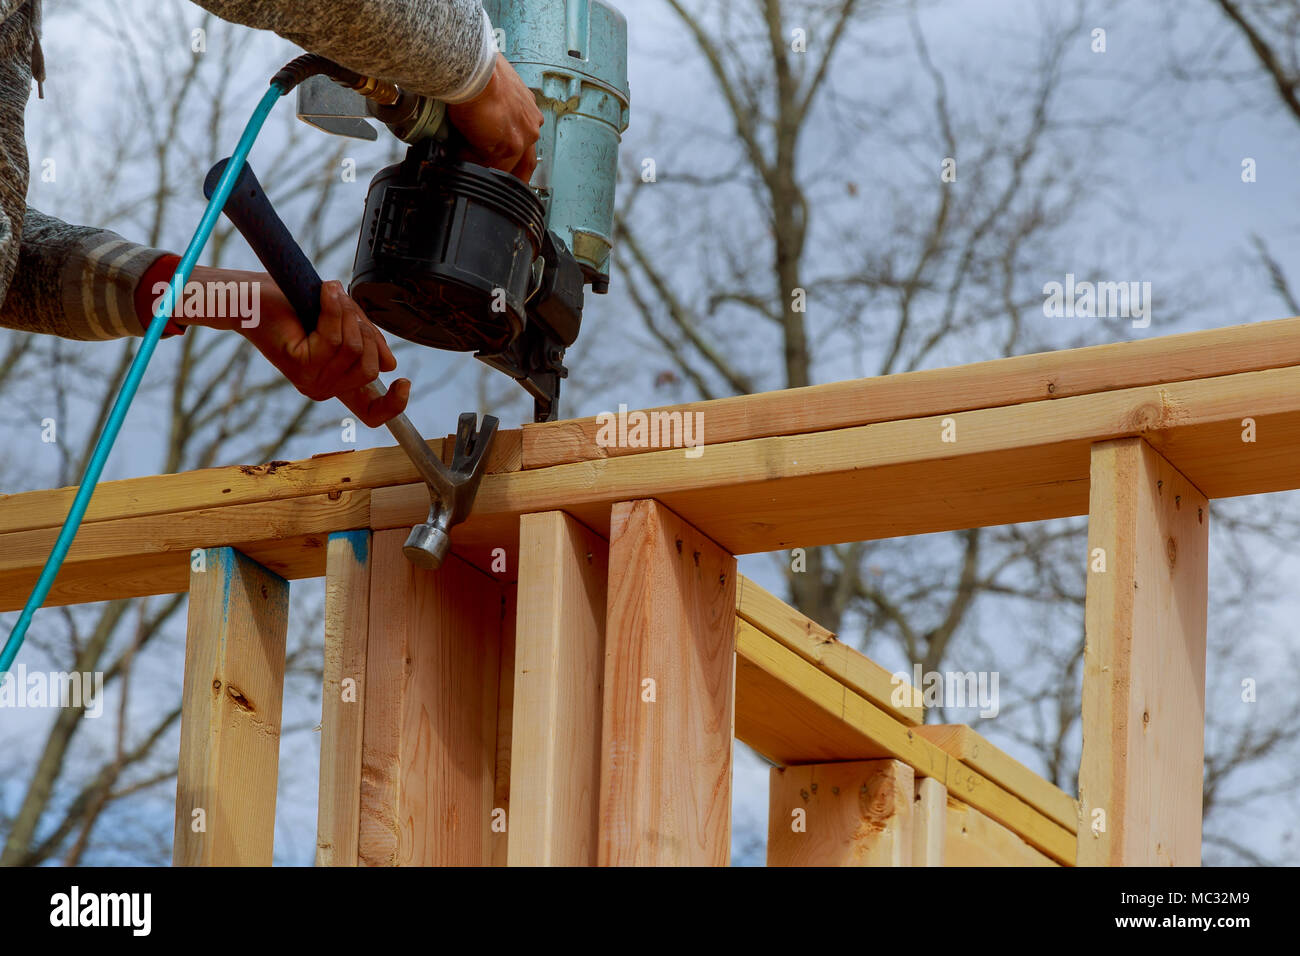 Carpenter Nail Gun Construction Site Stockfotos & Carpenter Nail Gun ...